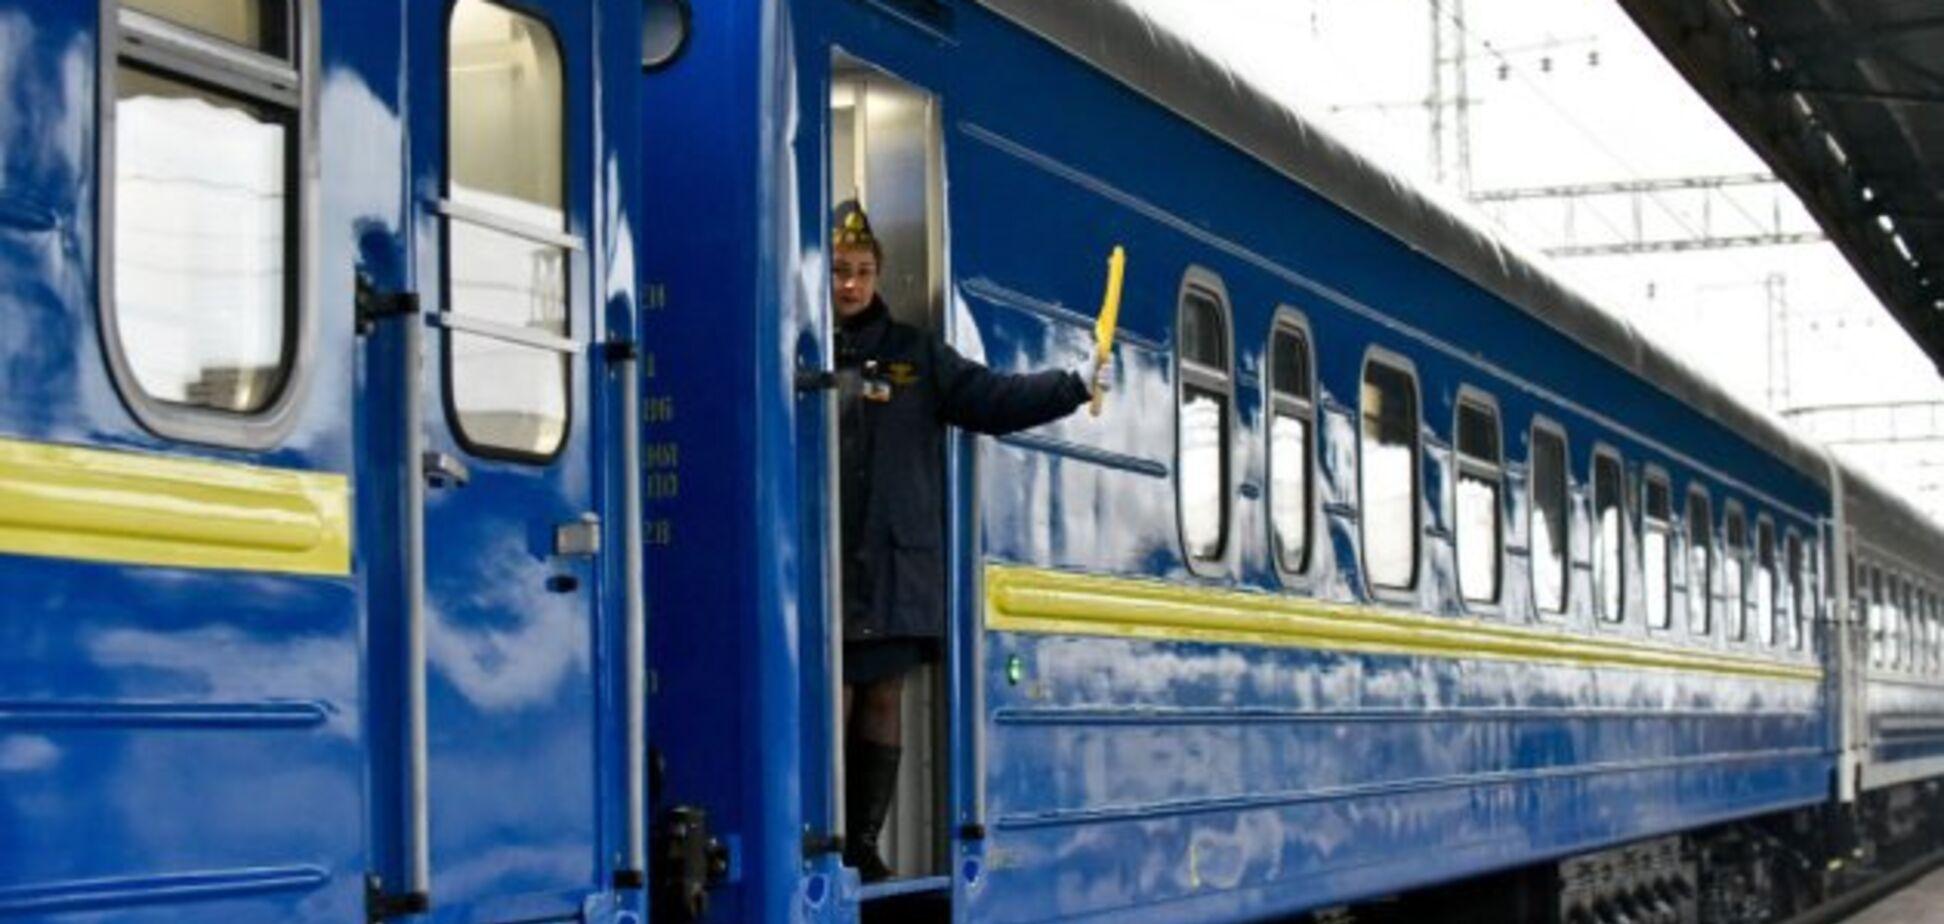 'Укрзалізницю' звинуватили в порушенні законодавства при поставках газу